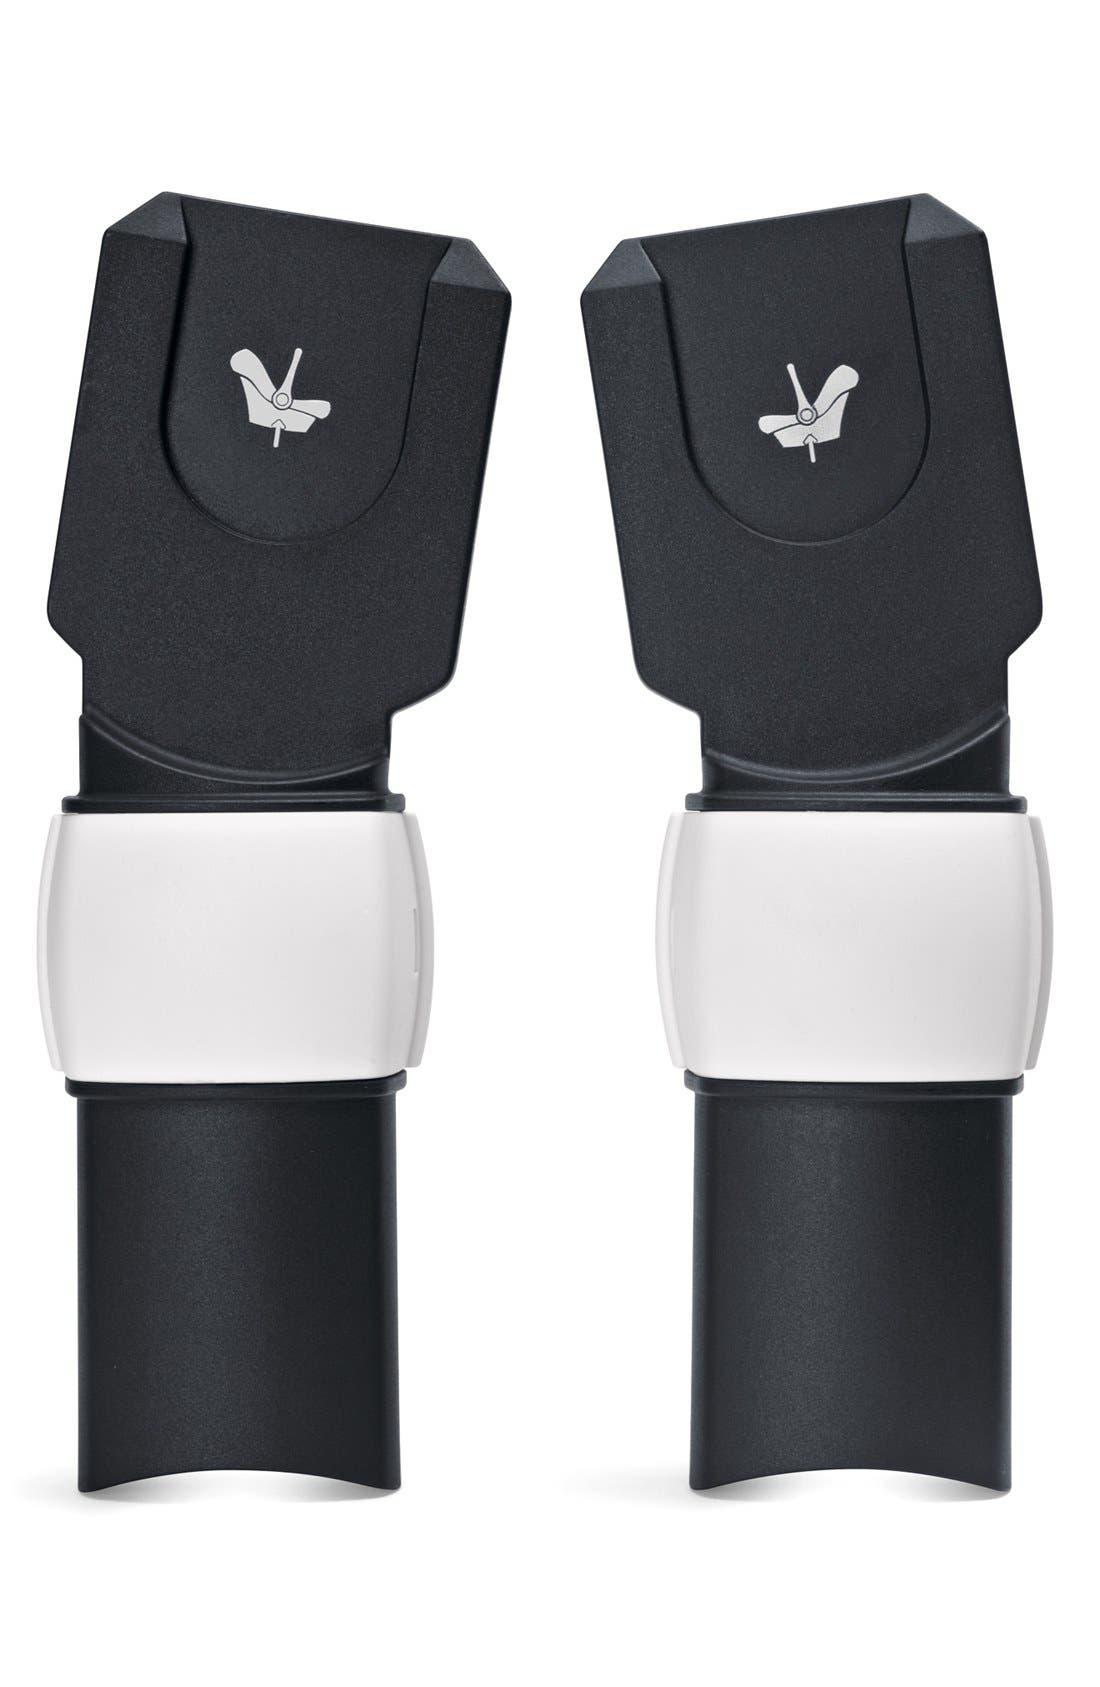 Main Image - Bugaboo 'Buffalo' Maxi Cosi Car Seat Adaptors